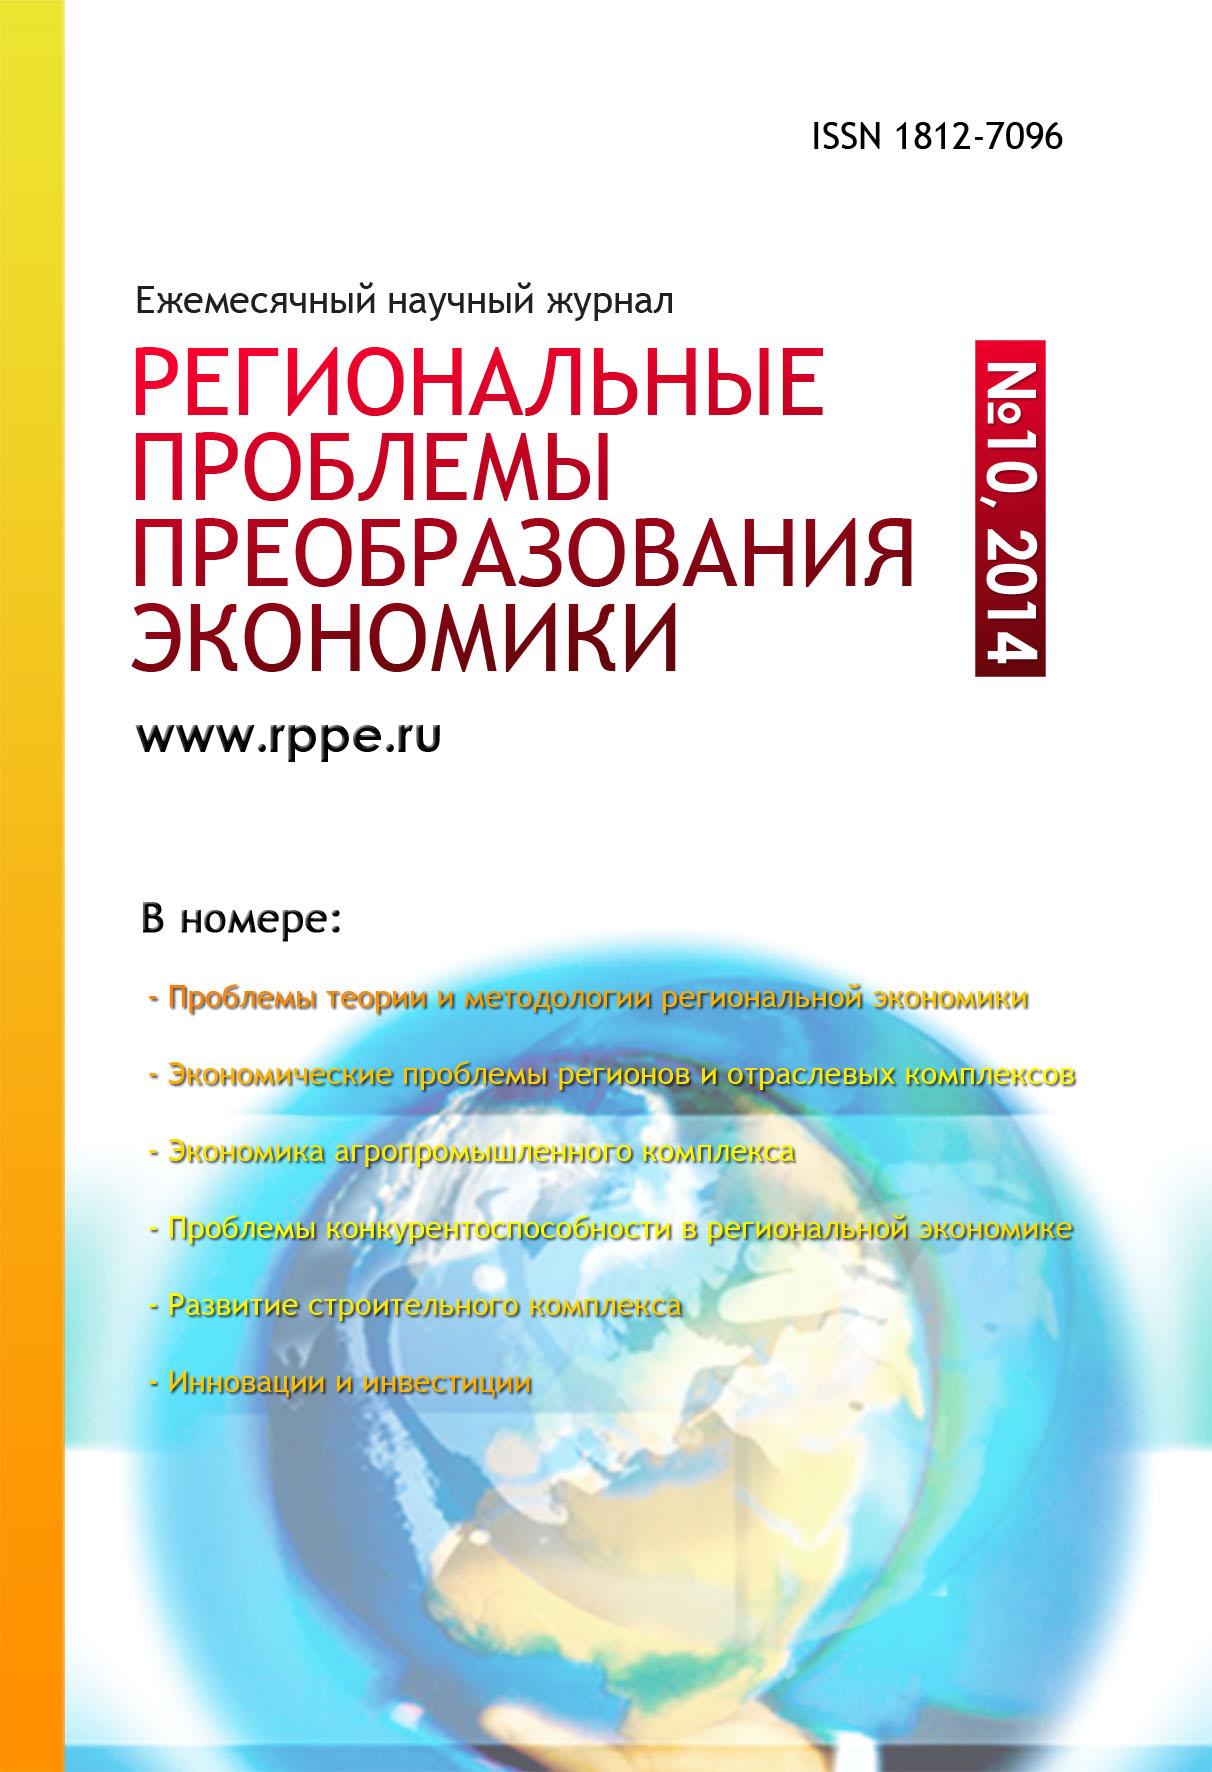 SmartWoolАмериканская компания журнал экономика региона требования к статье слой ткани это